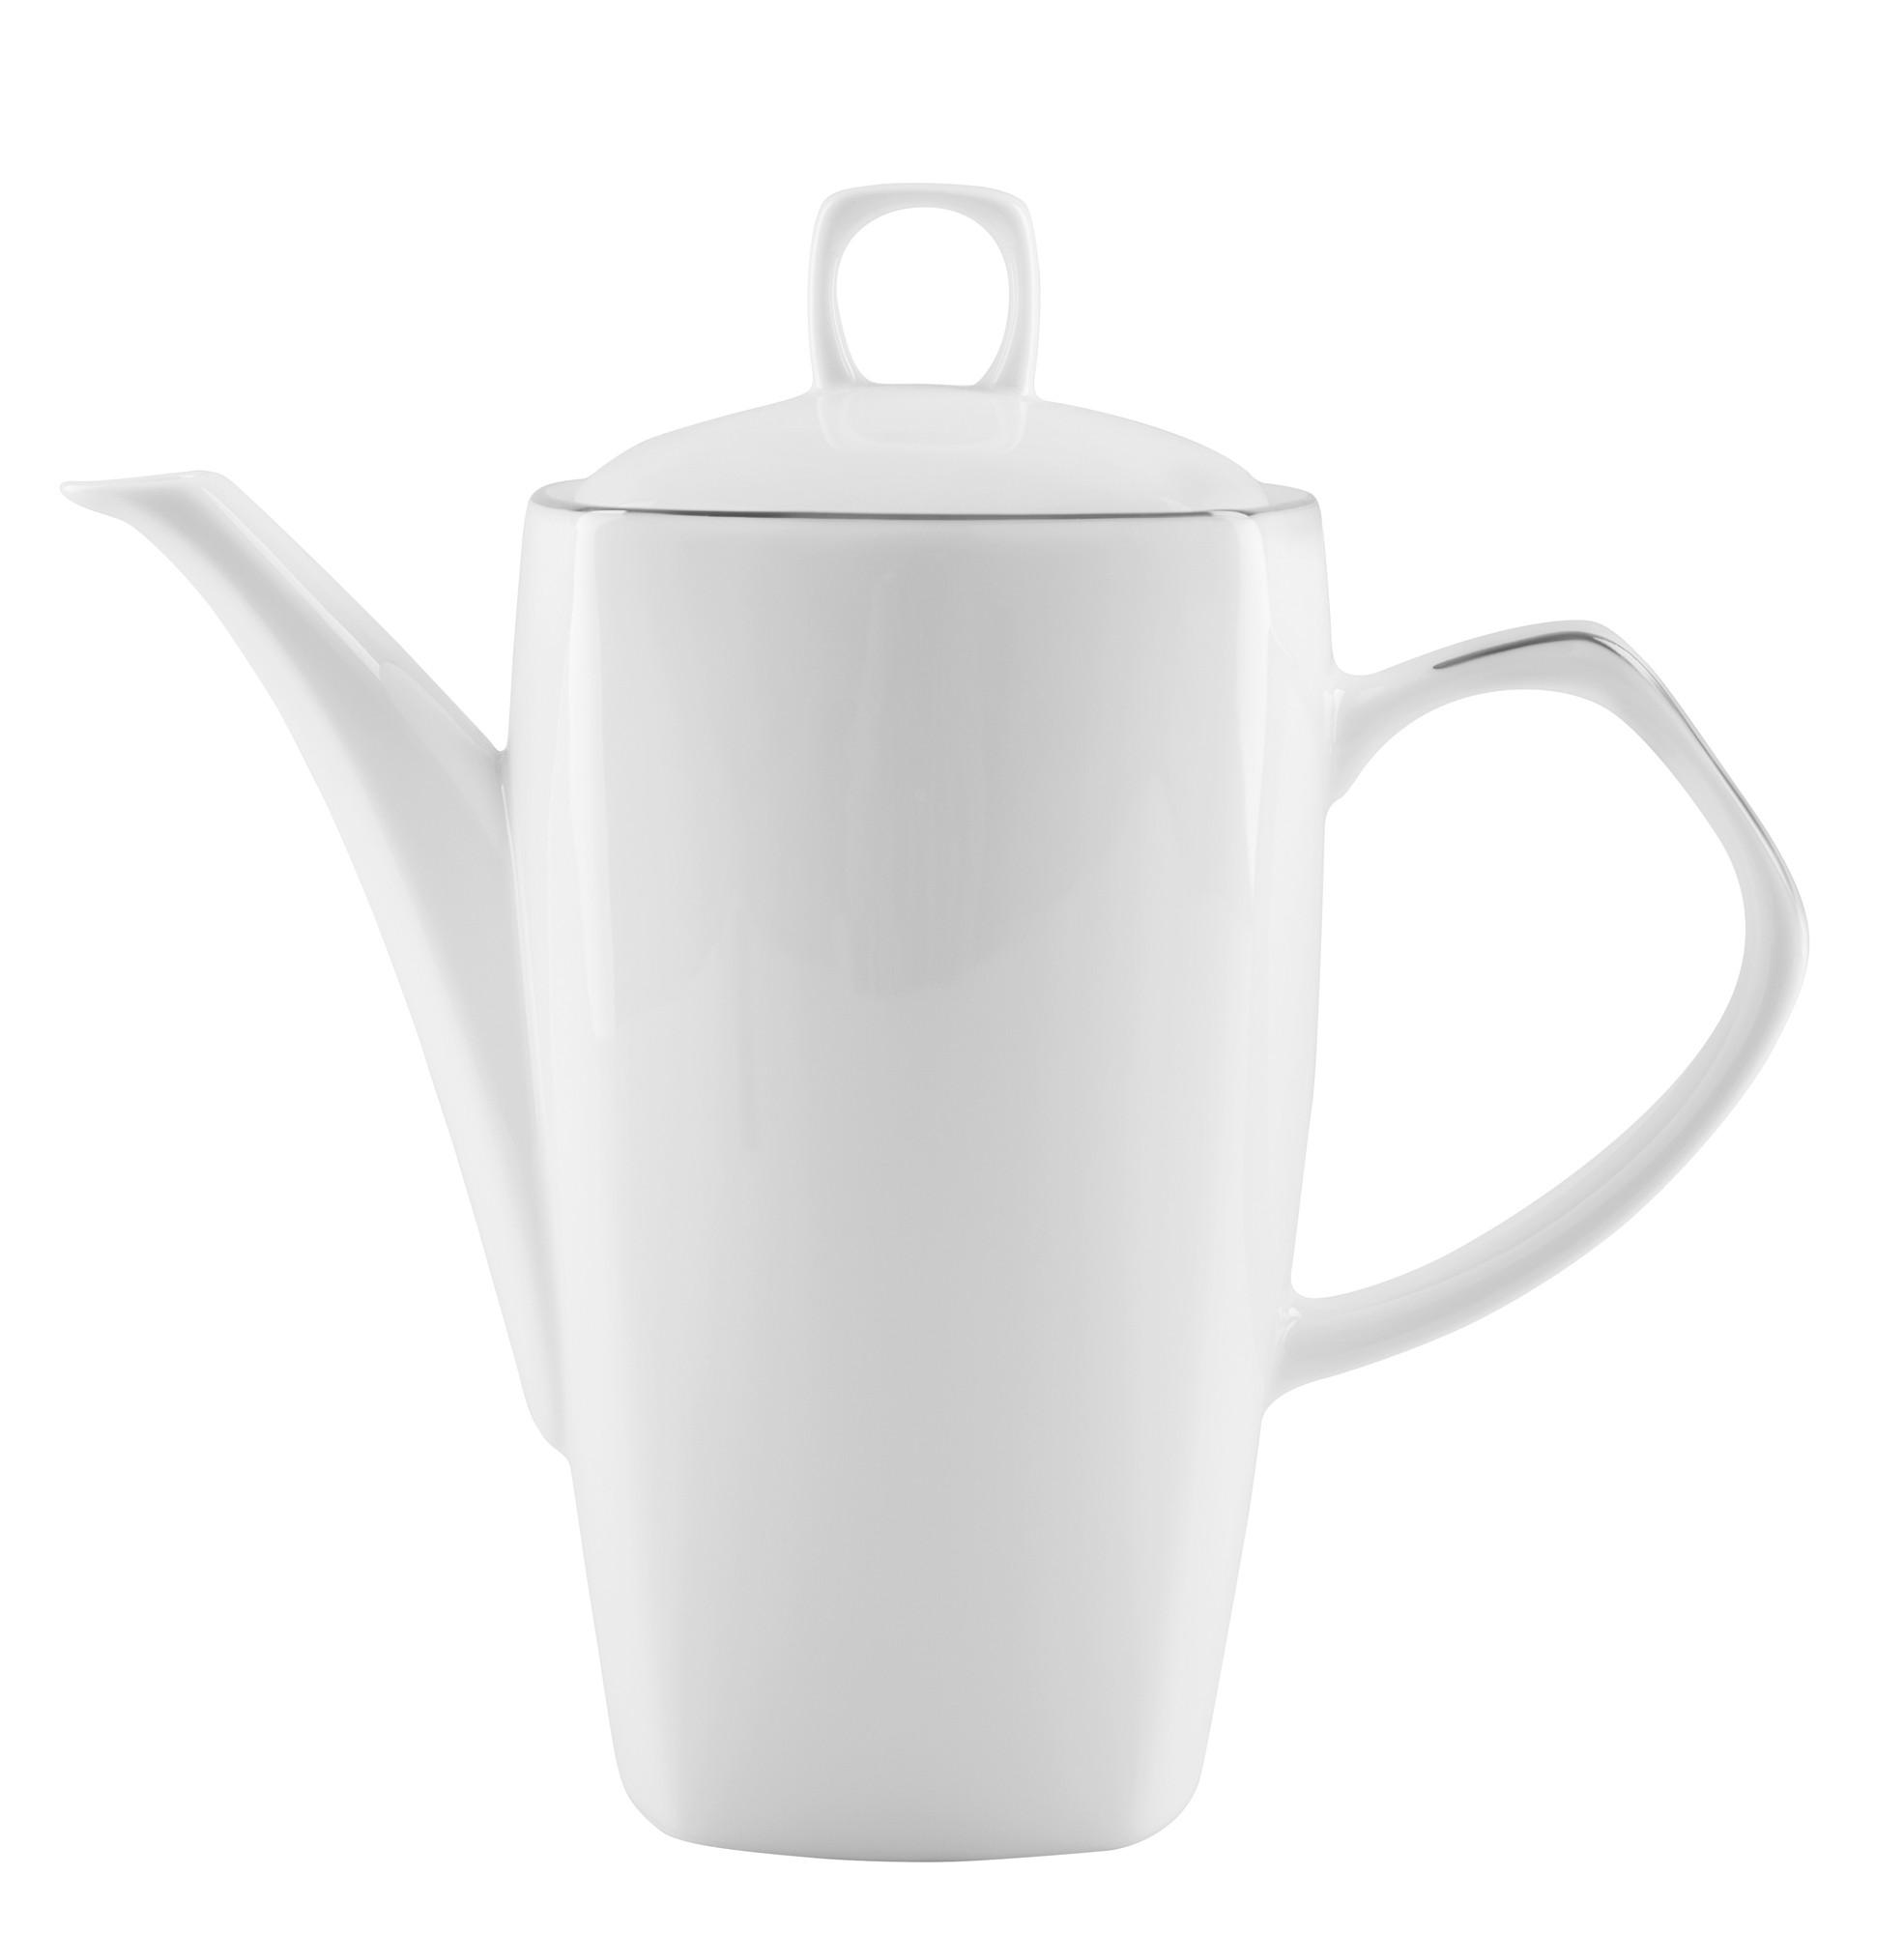 Τσαγιέρα Πορσελάνης Genesis Line Ionia 1,2lt home   ειδη cafe τσαϊ   τσαγιέρες